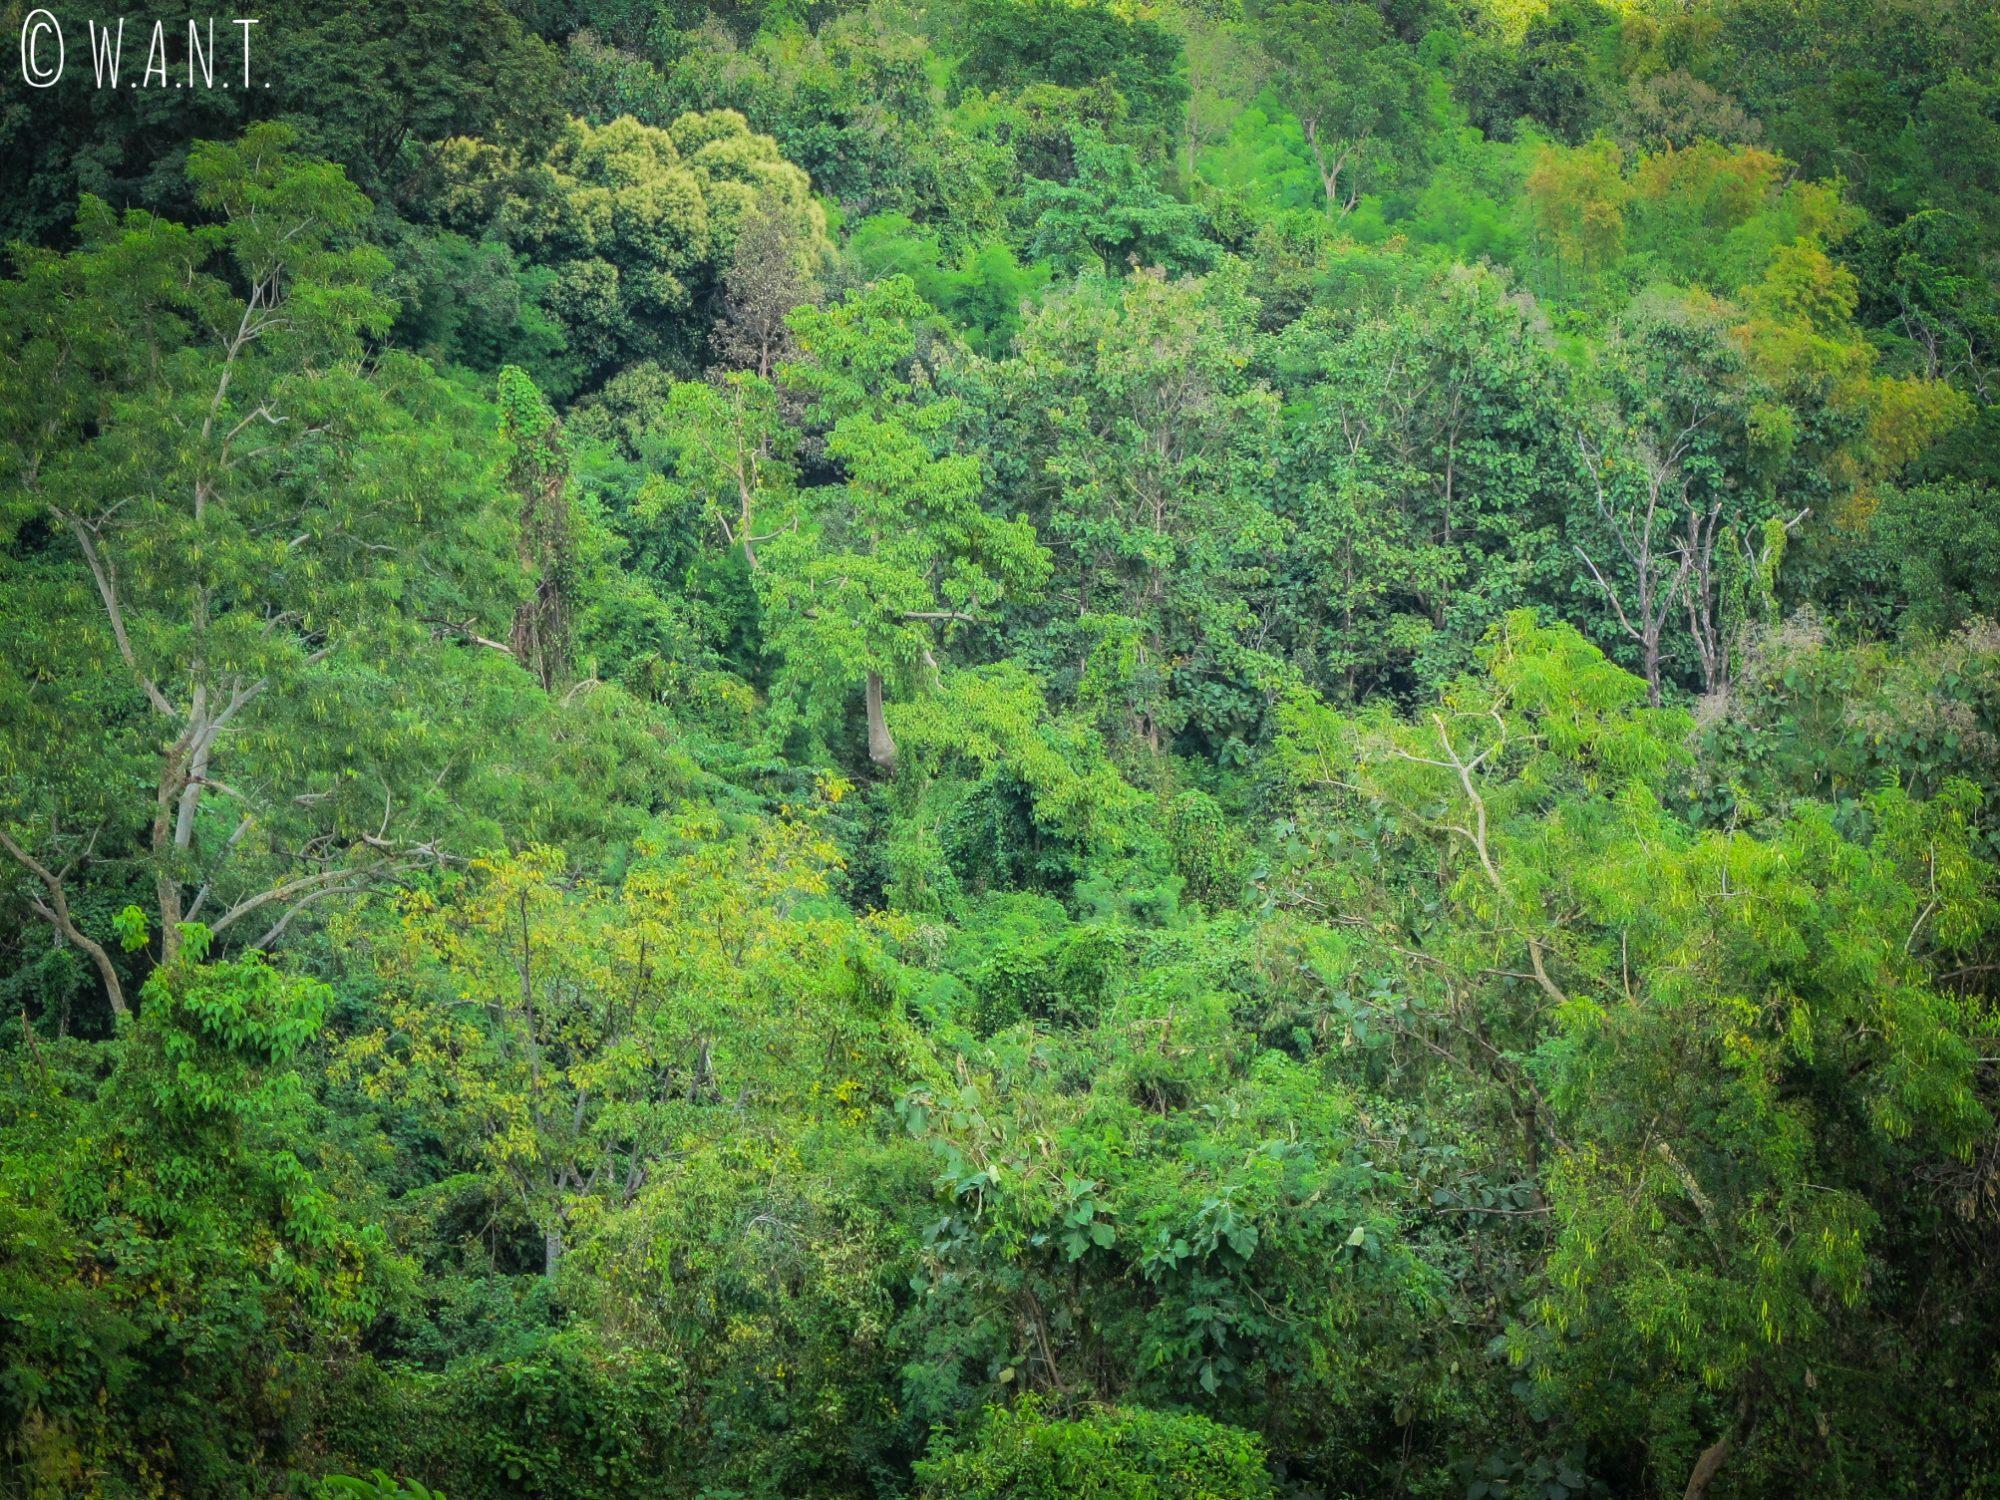 Le site de Vat Phou est entouré par la végétation